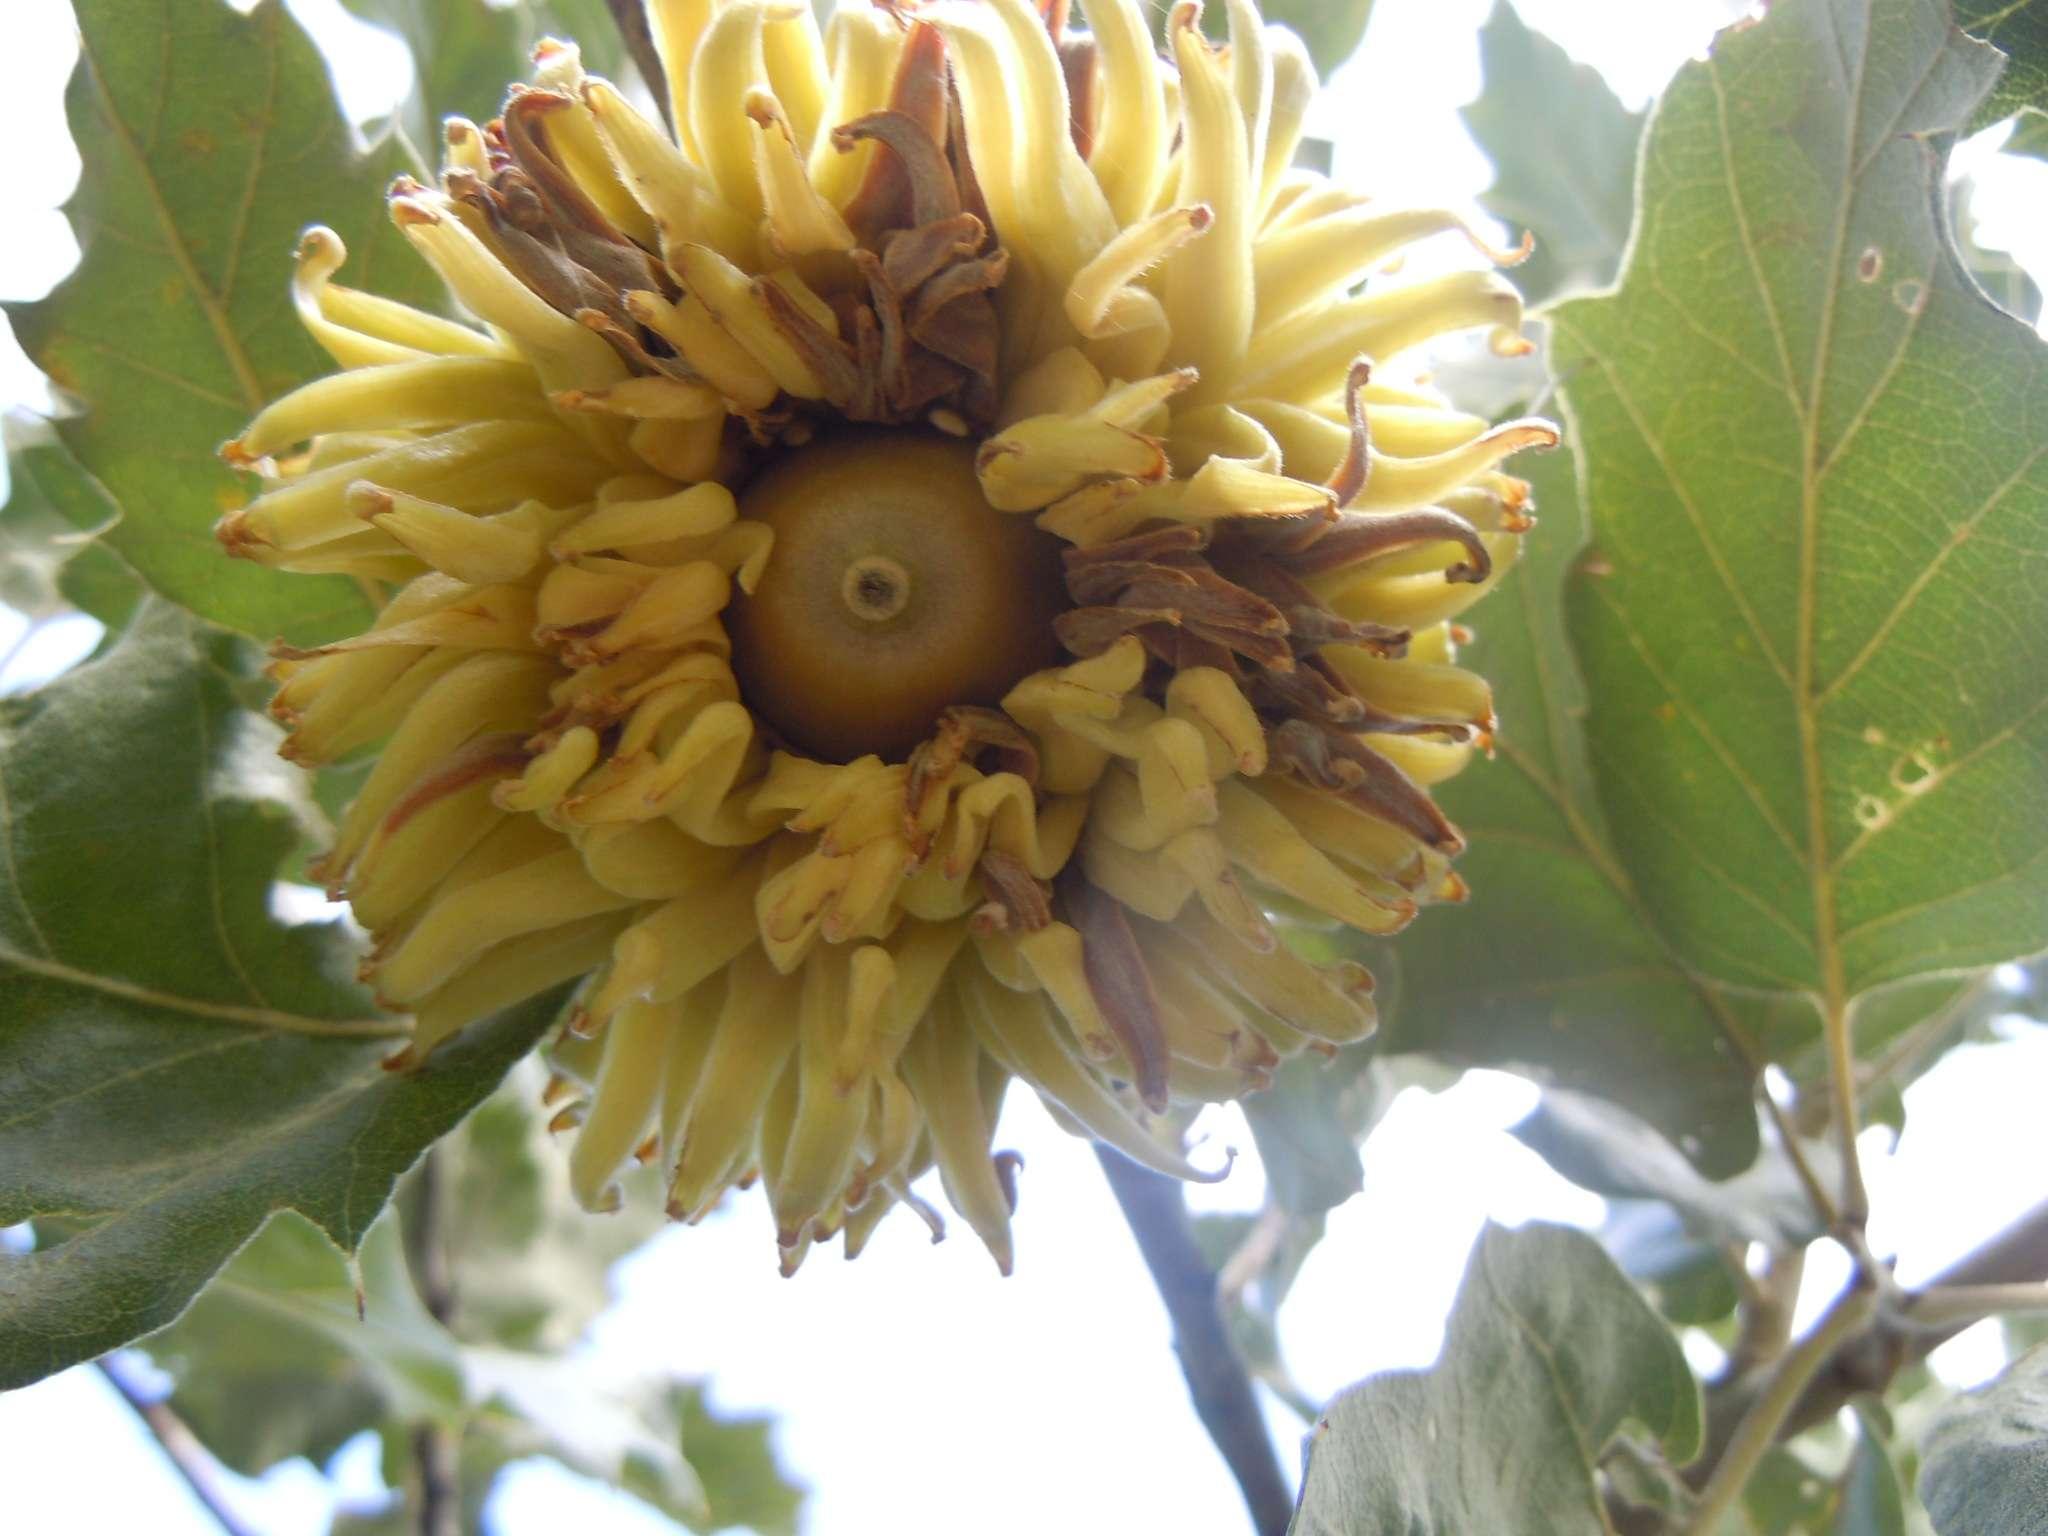 Η ήμερη βελανιδιά (Quercus ithaburensis Decaisne subsp. macrolepis syn. Quercus aegilops) είναι δέντρο φυλλοβόλο ή ημιαειθαλές, ολιγαρκές, θερμοξηρόβιο και φωτόφιλο, που ξεχωρίζει από τις άλλες βελανιδιές λόγω των τεράστιων διακοσμητικών κυπέλλων, τα οποία μπορεί να έχουν βάθος 4 εκ. με όμορφα χνουδωτά, μακριά λέπια που γυρίζουν προς τα έξω.